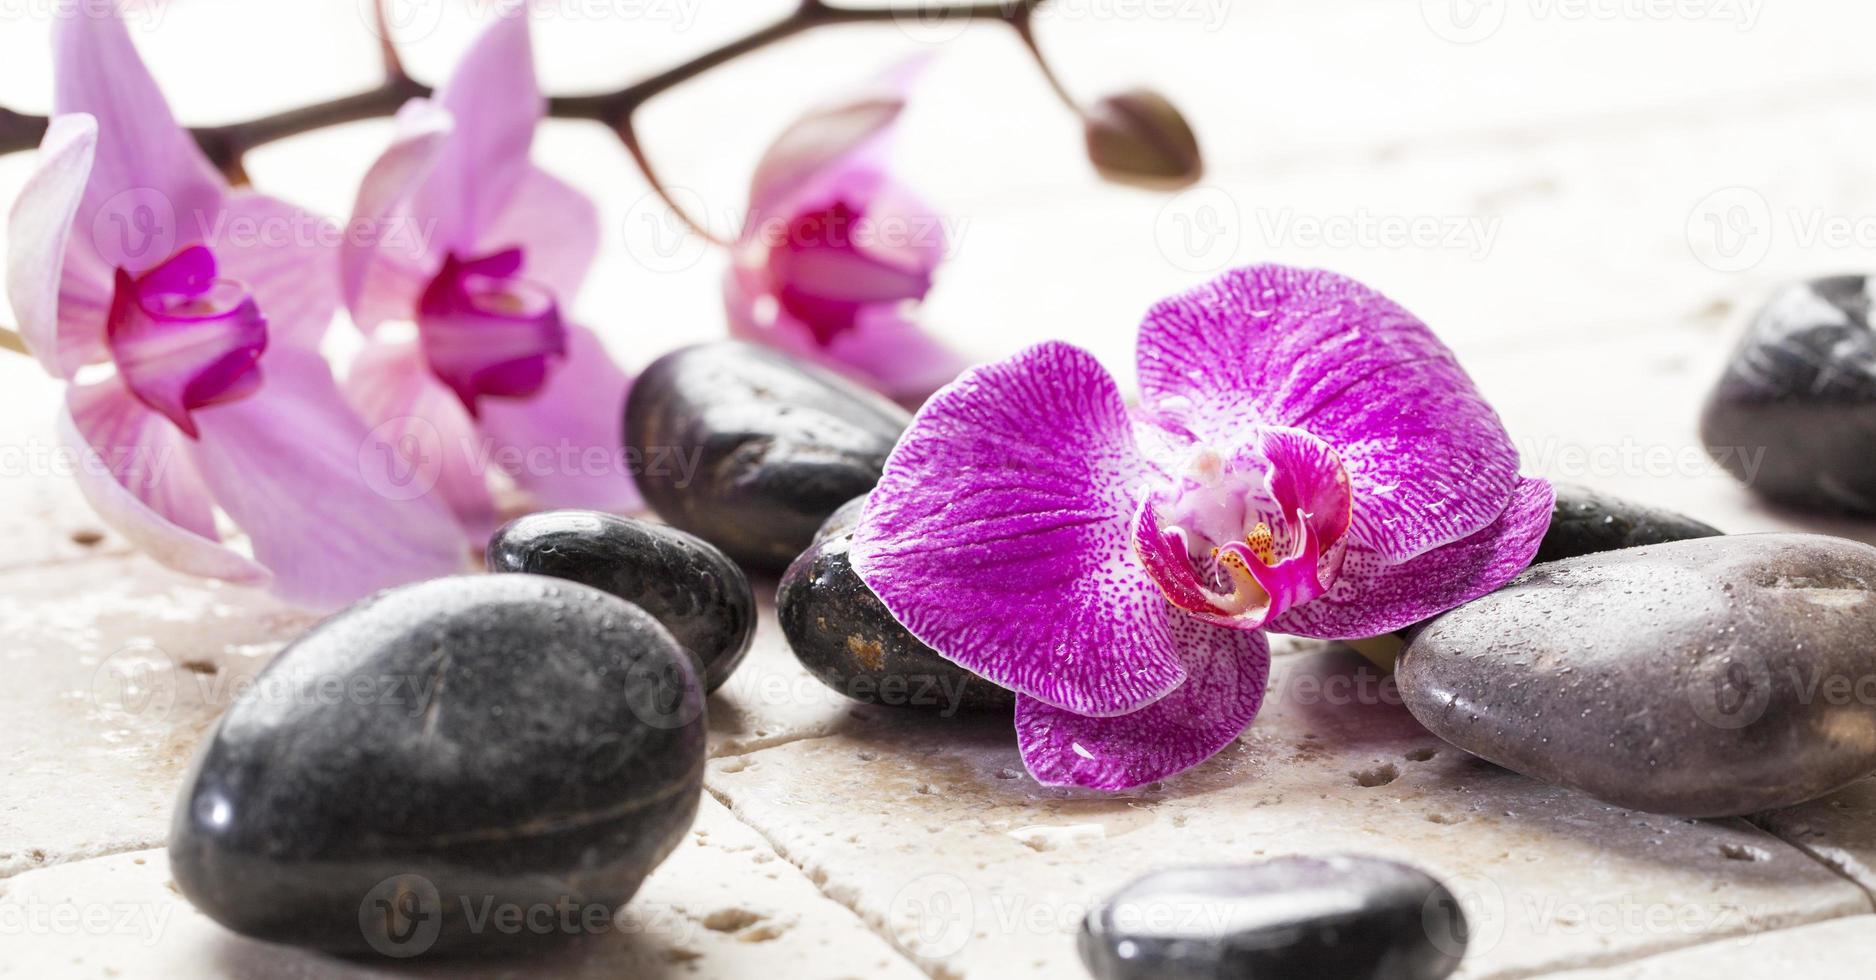 feminidad zen con flores de orquídeas y piedras de masaje foto